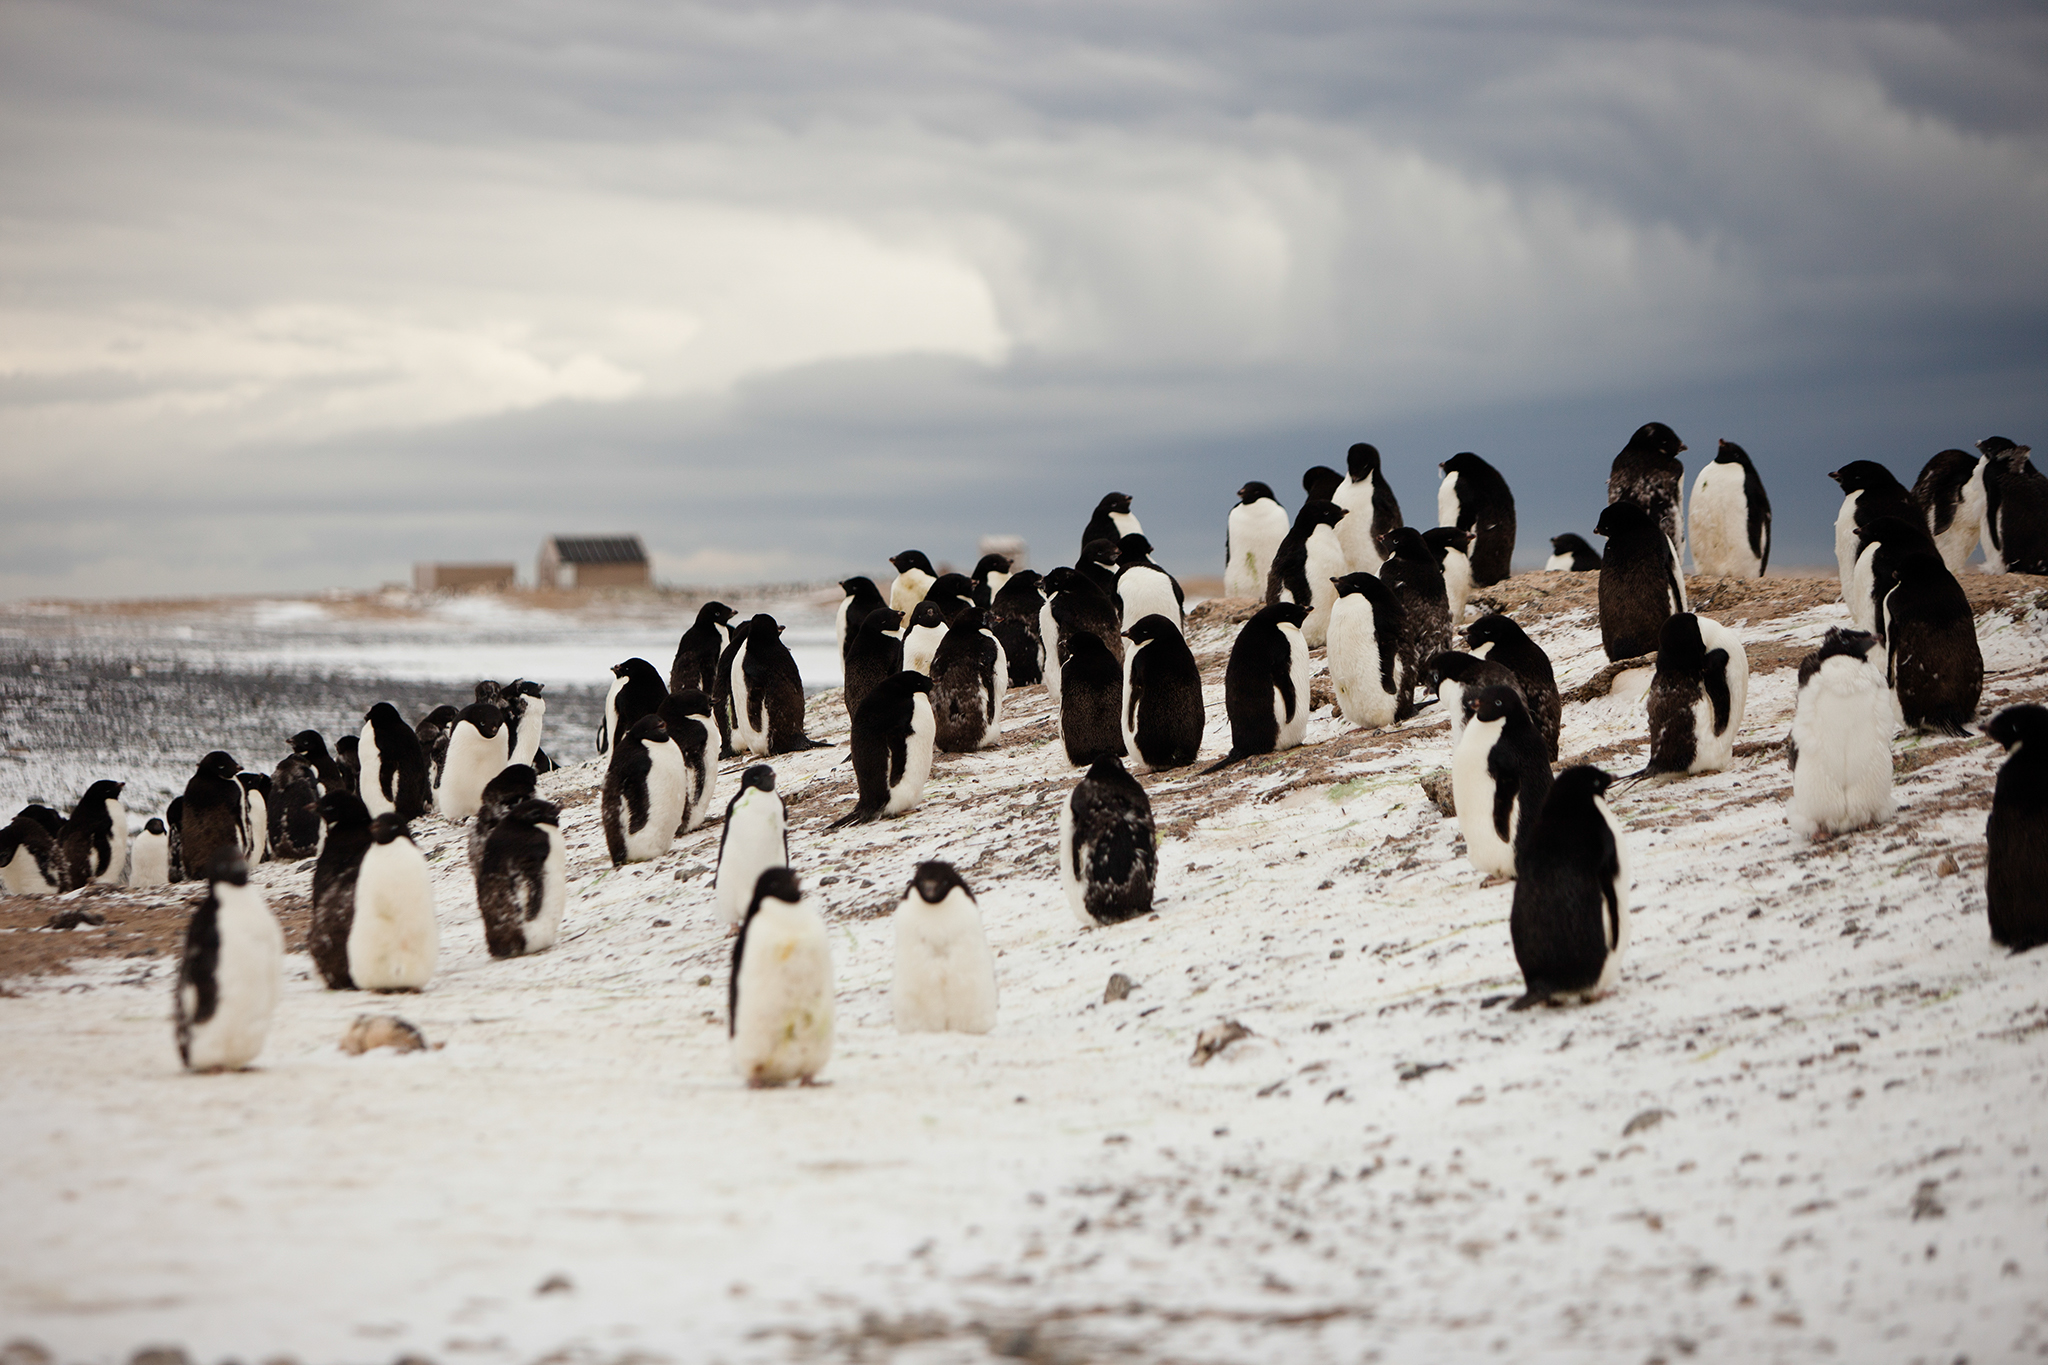 004-TW-Antarctica-140305.jpg